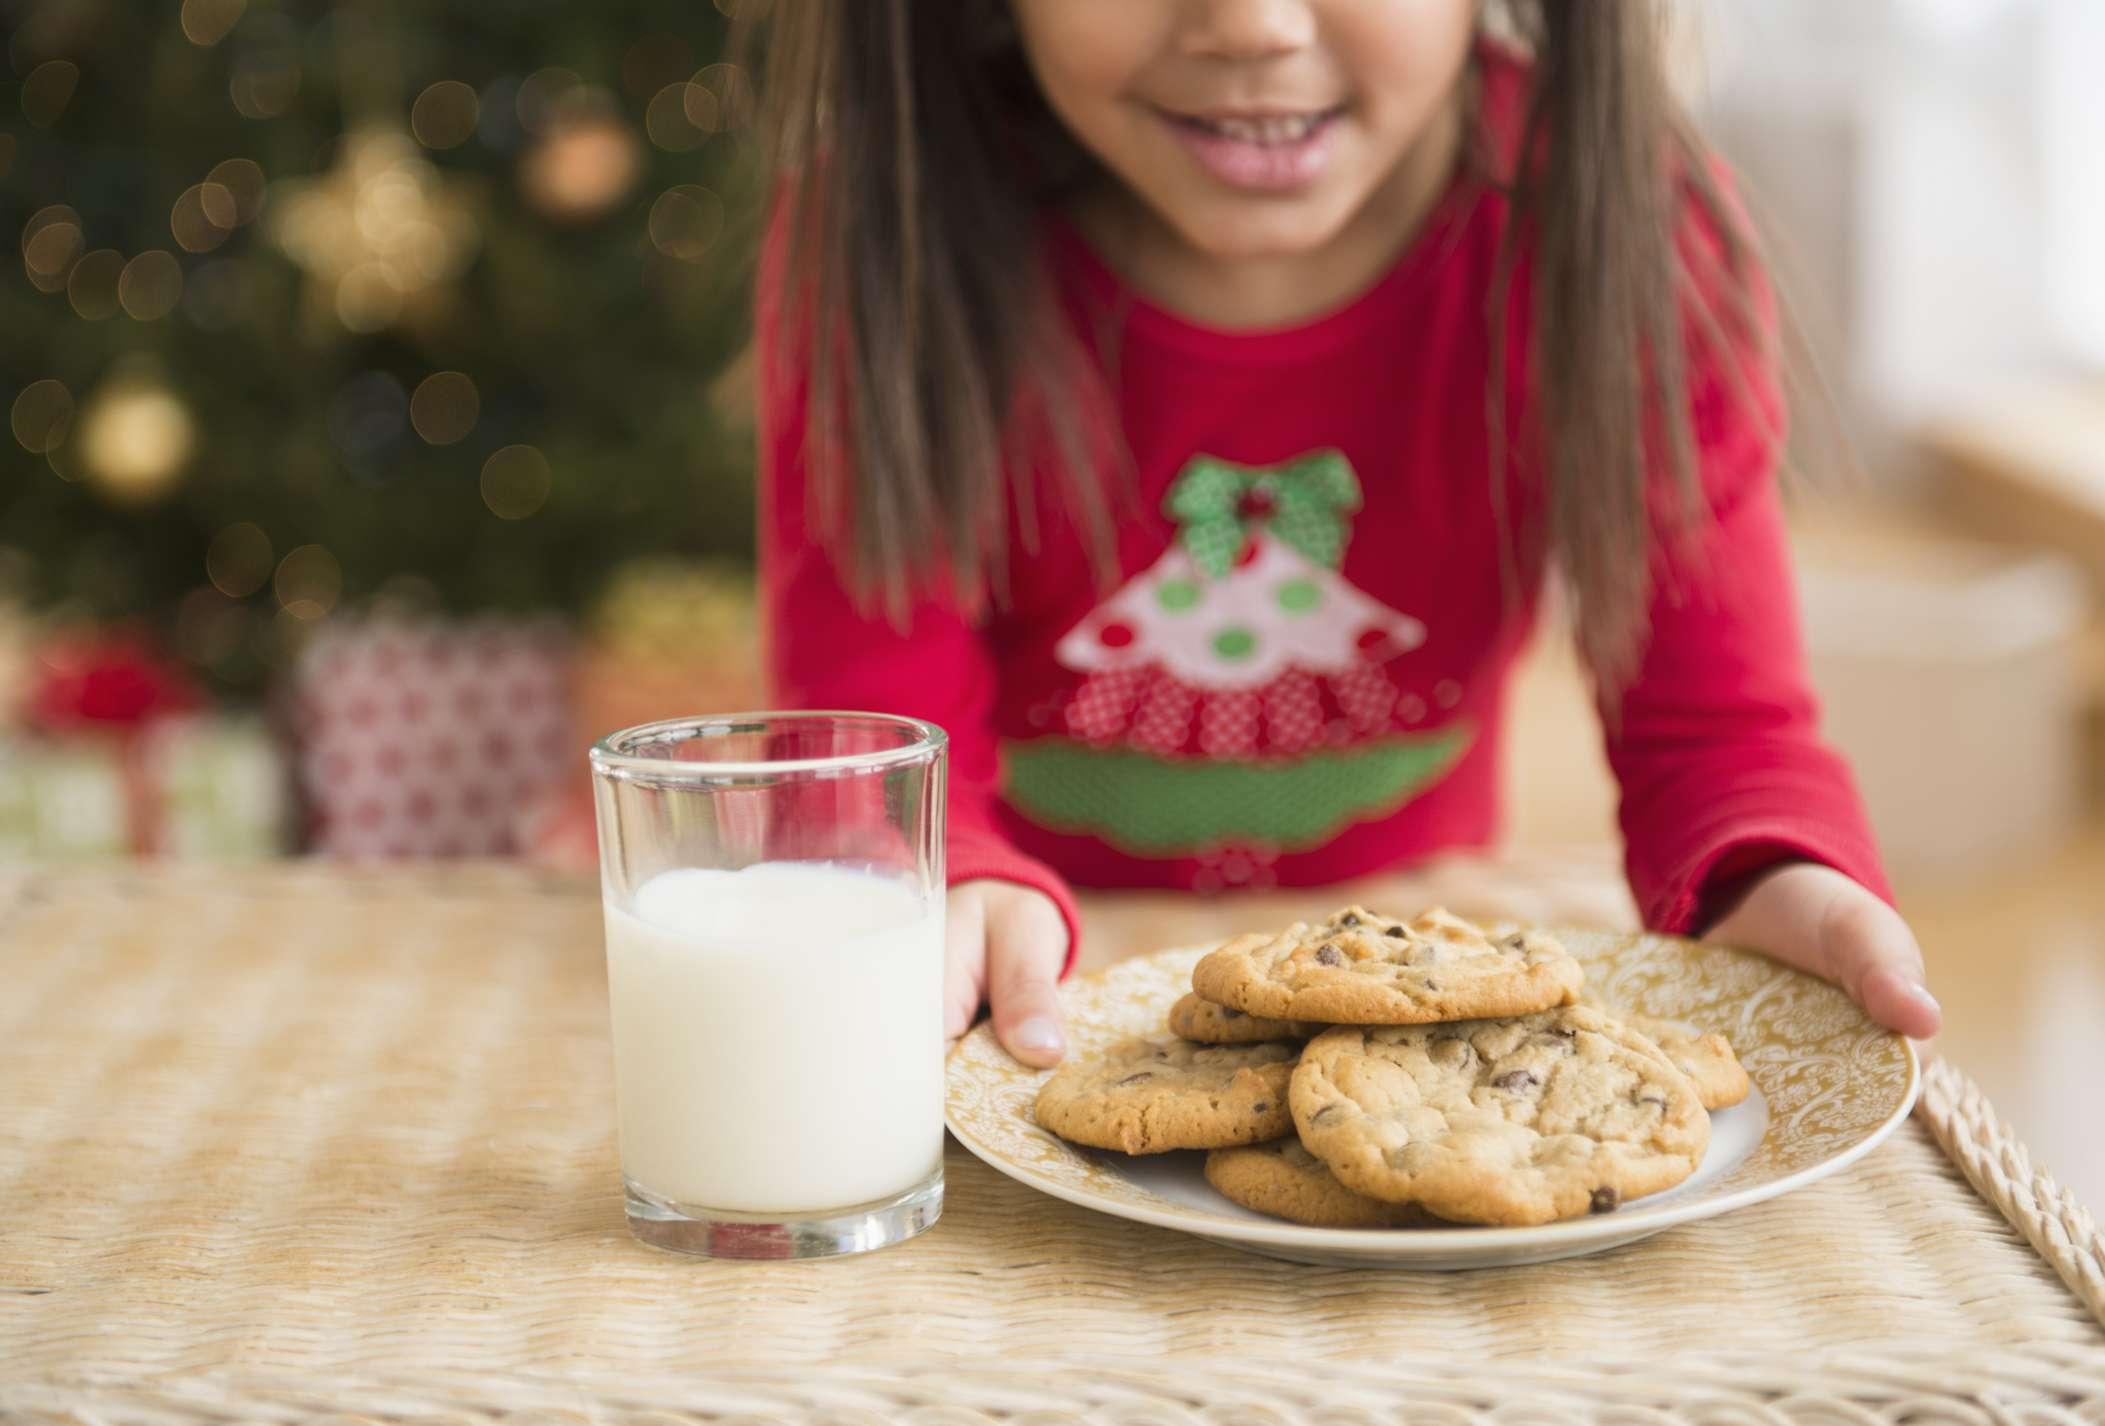 Dejar leche y galletas para santa